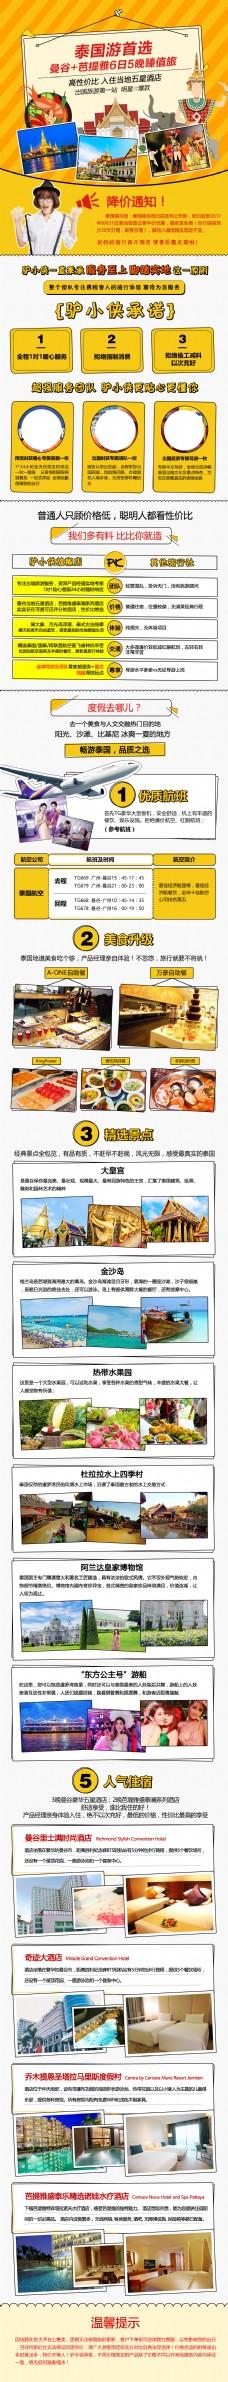 泰国旅游宣传